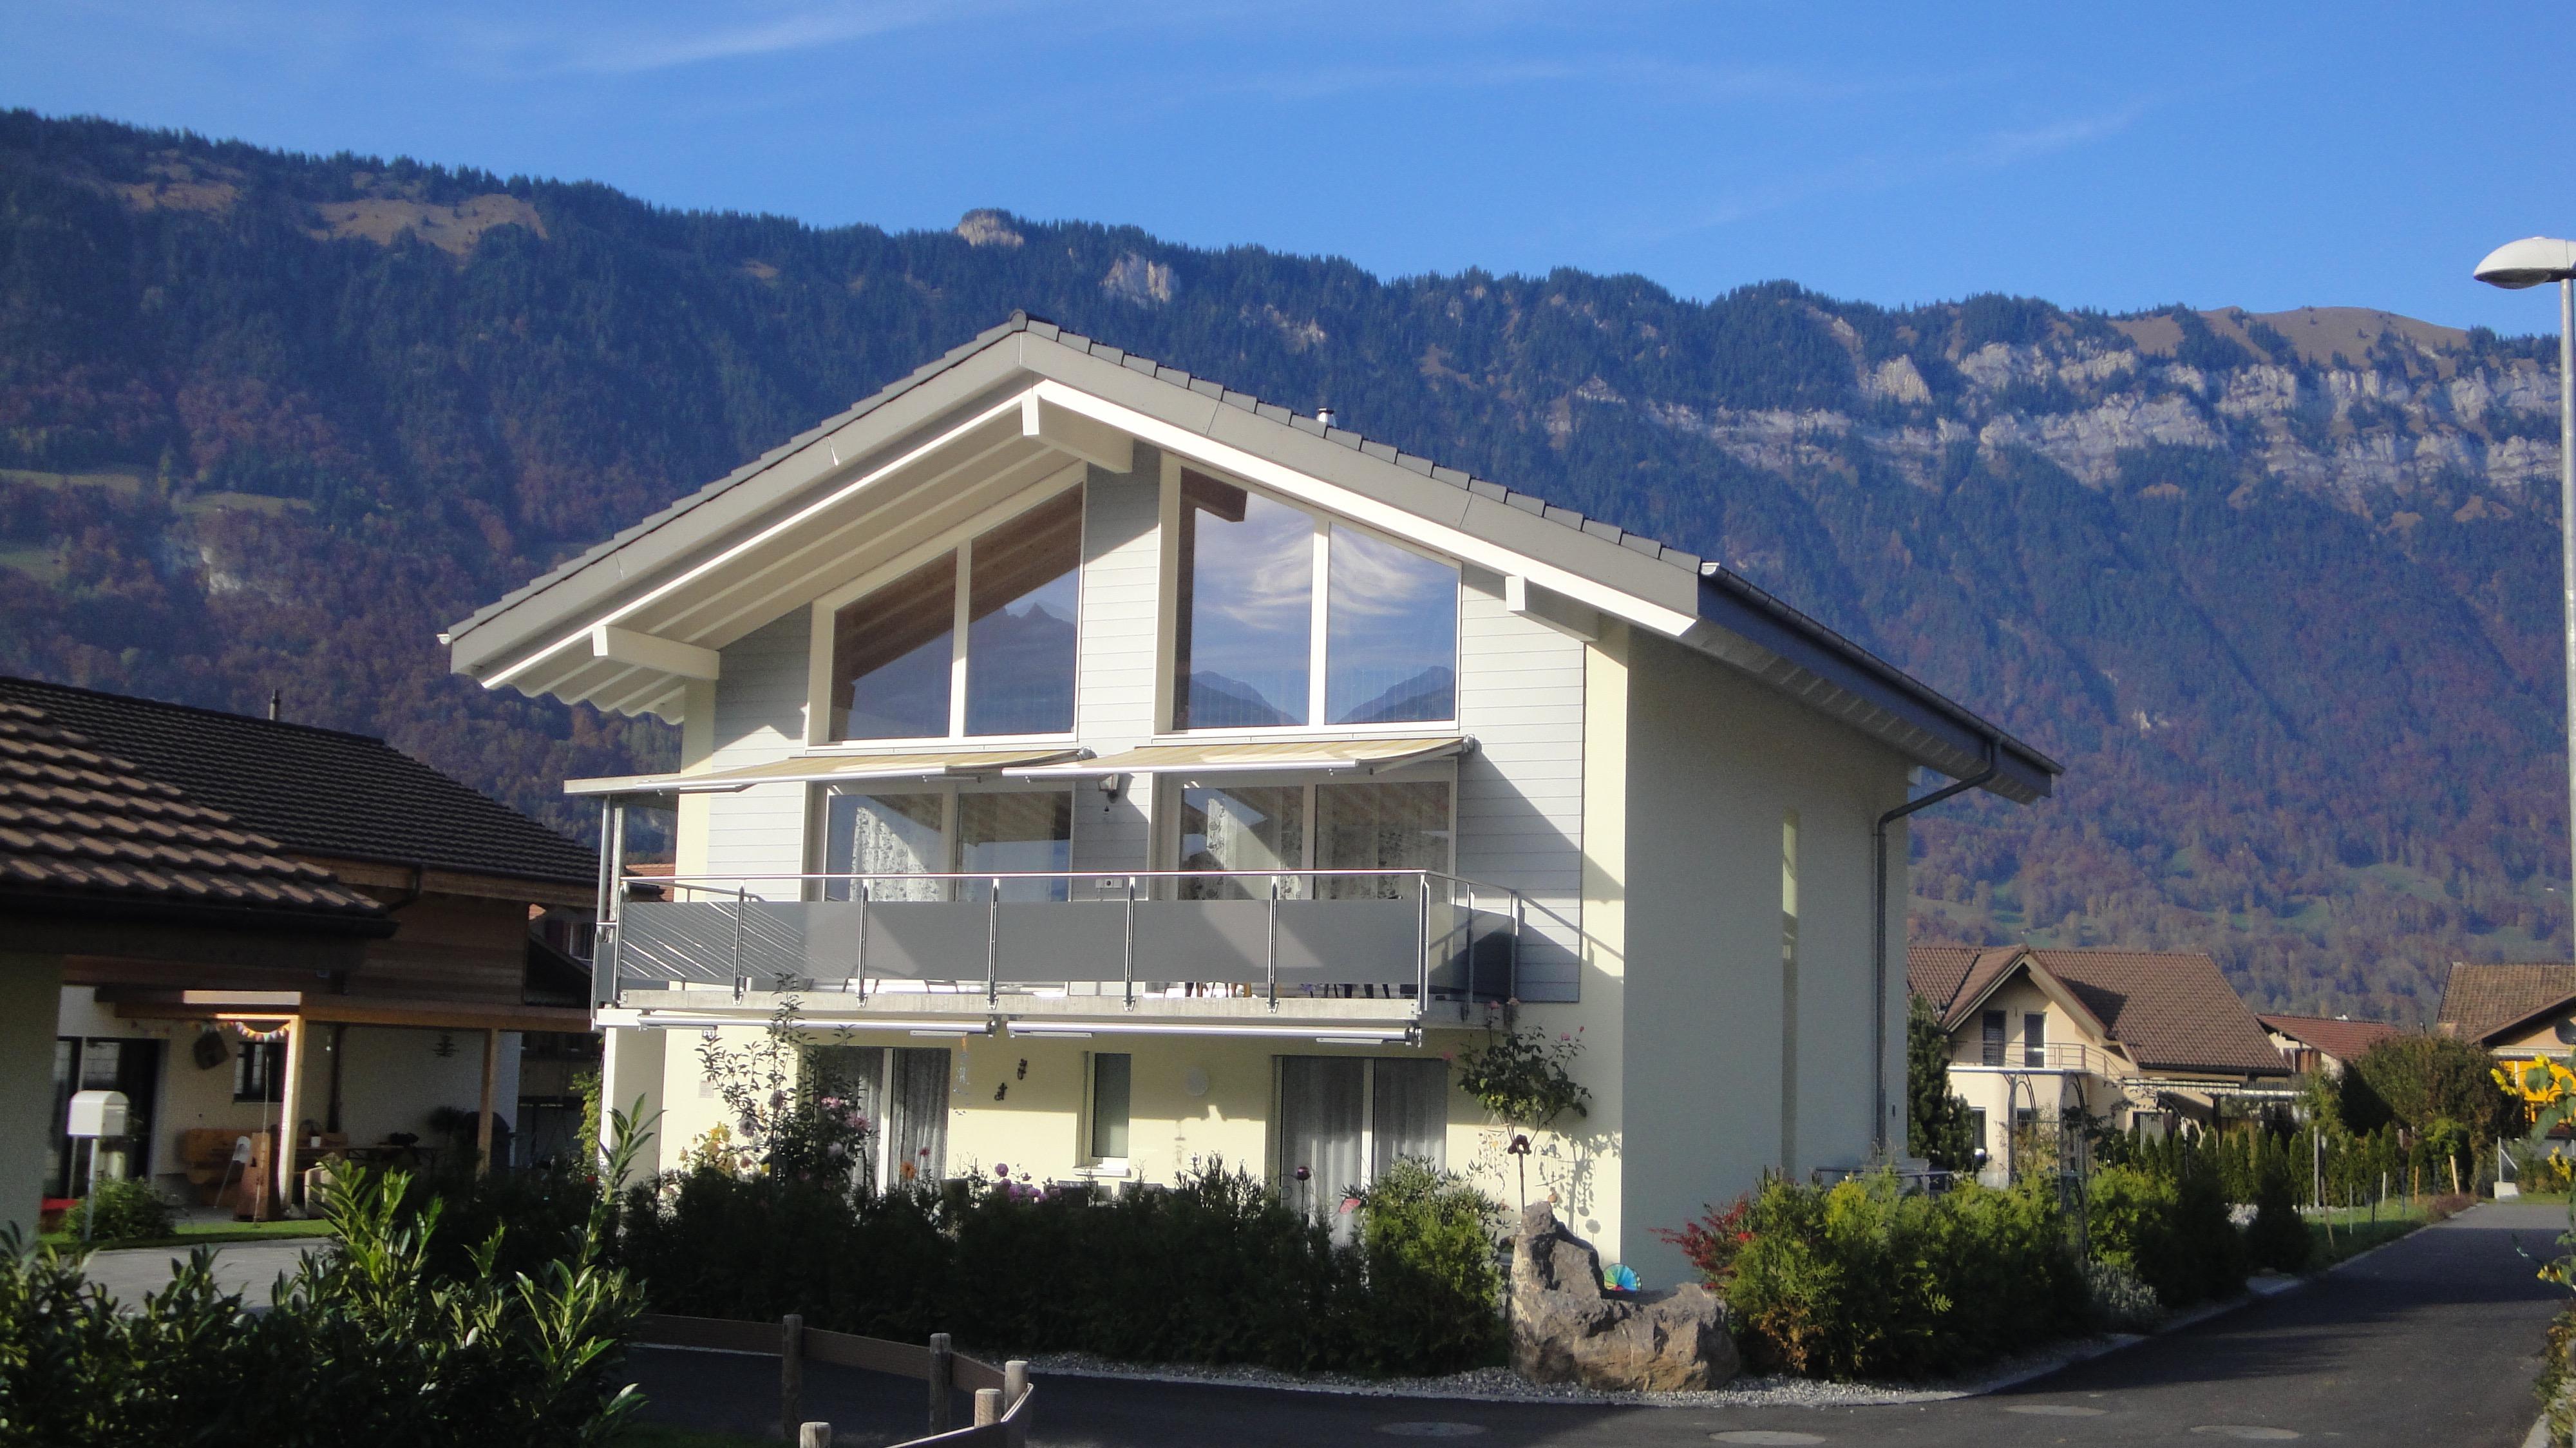 Einfamilienhaus seiler amacher architekten for Architekten schweiz